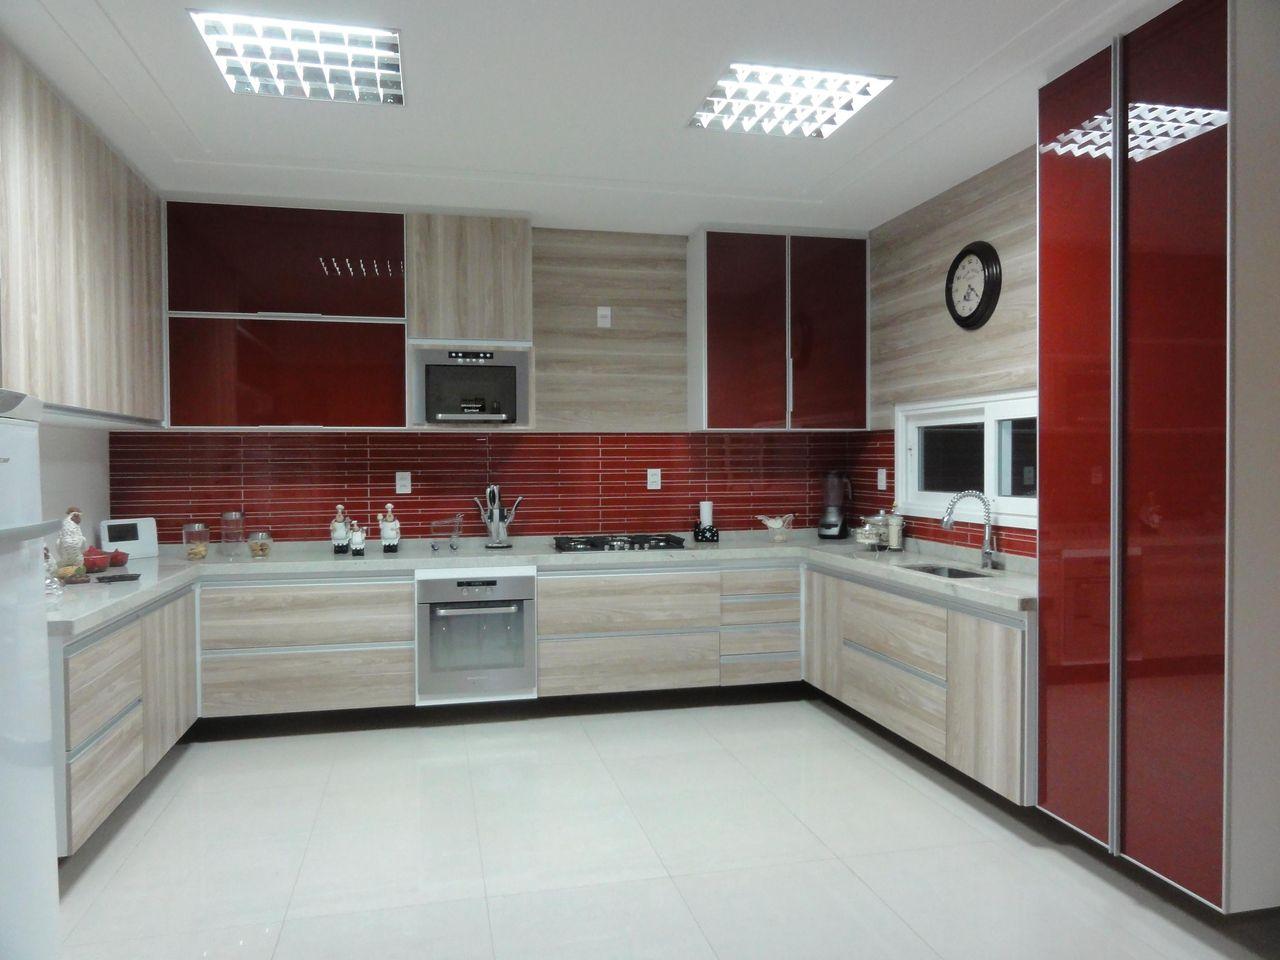 Ver Fotos De Armarios Para Cozinha : Wibamp armario de cozinha grande id?ias do projeto